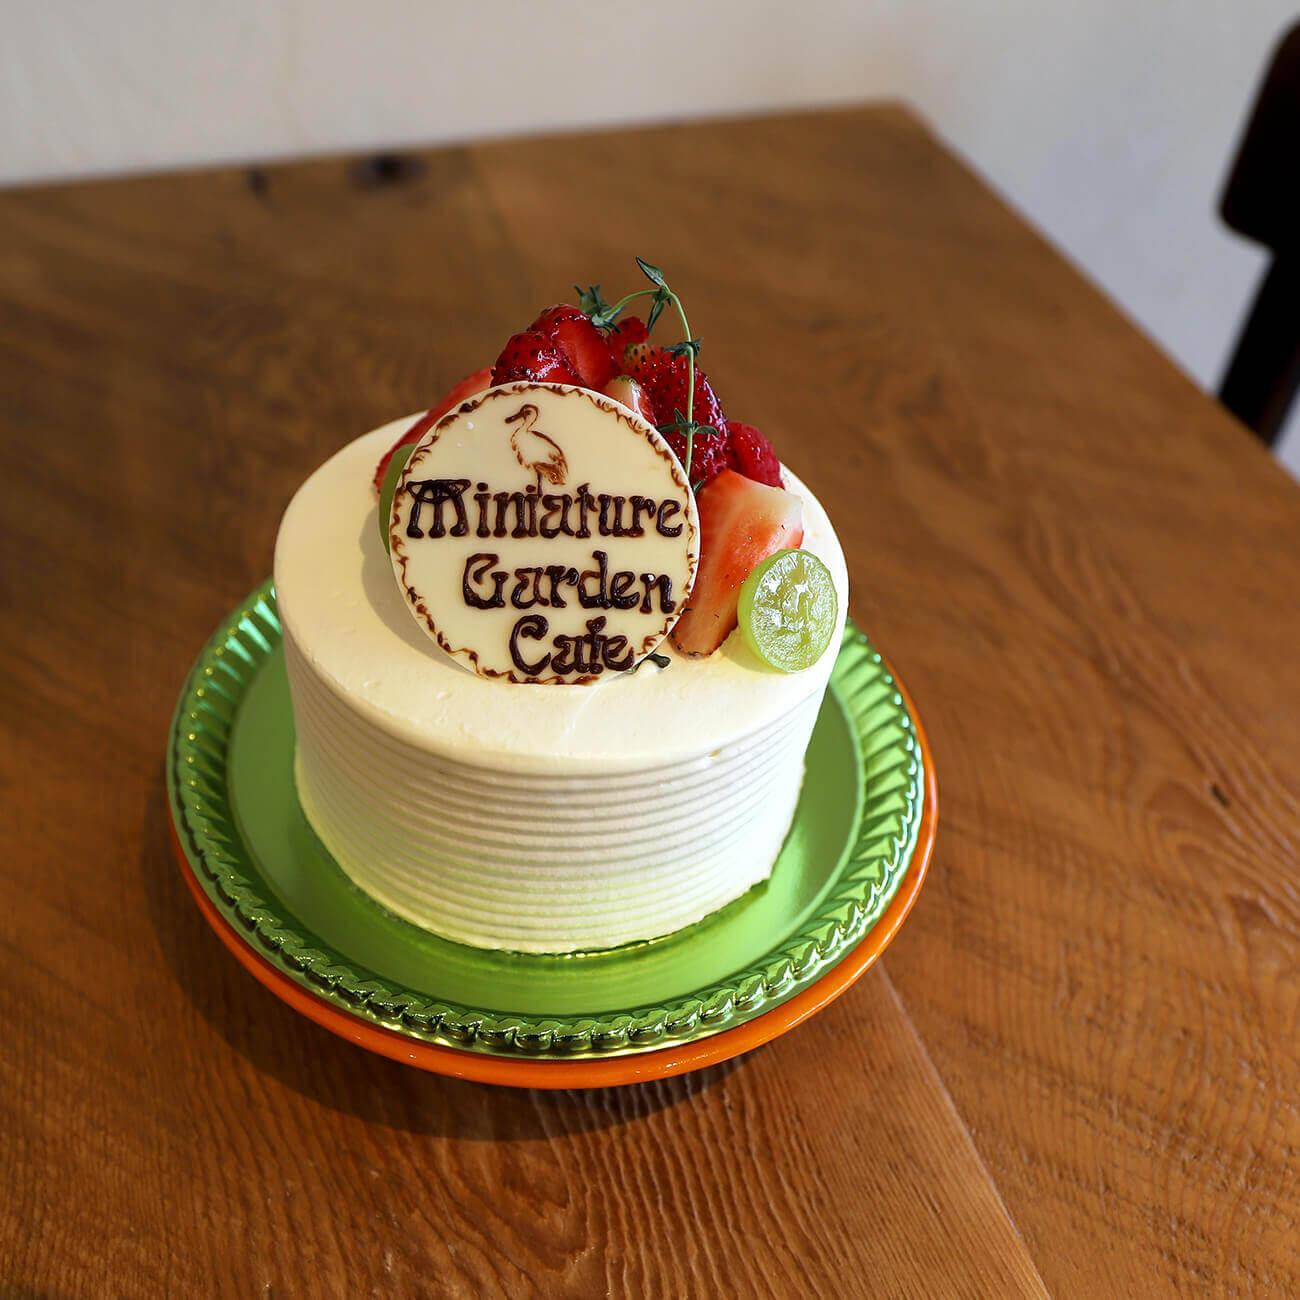 デコレーションケーキ 4号サイズ/¥2,400、5号サイズ/¥3,000(すべて税抜き)